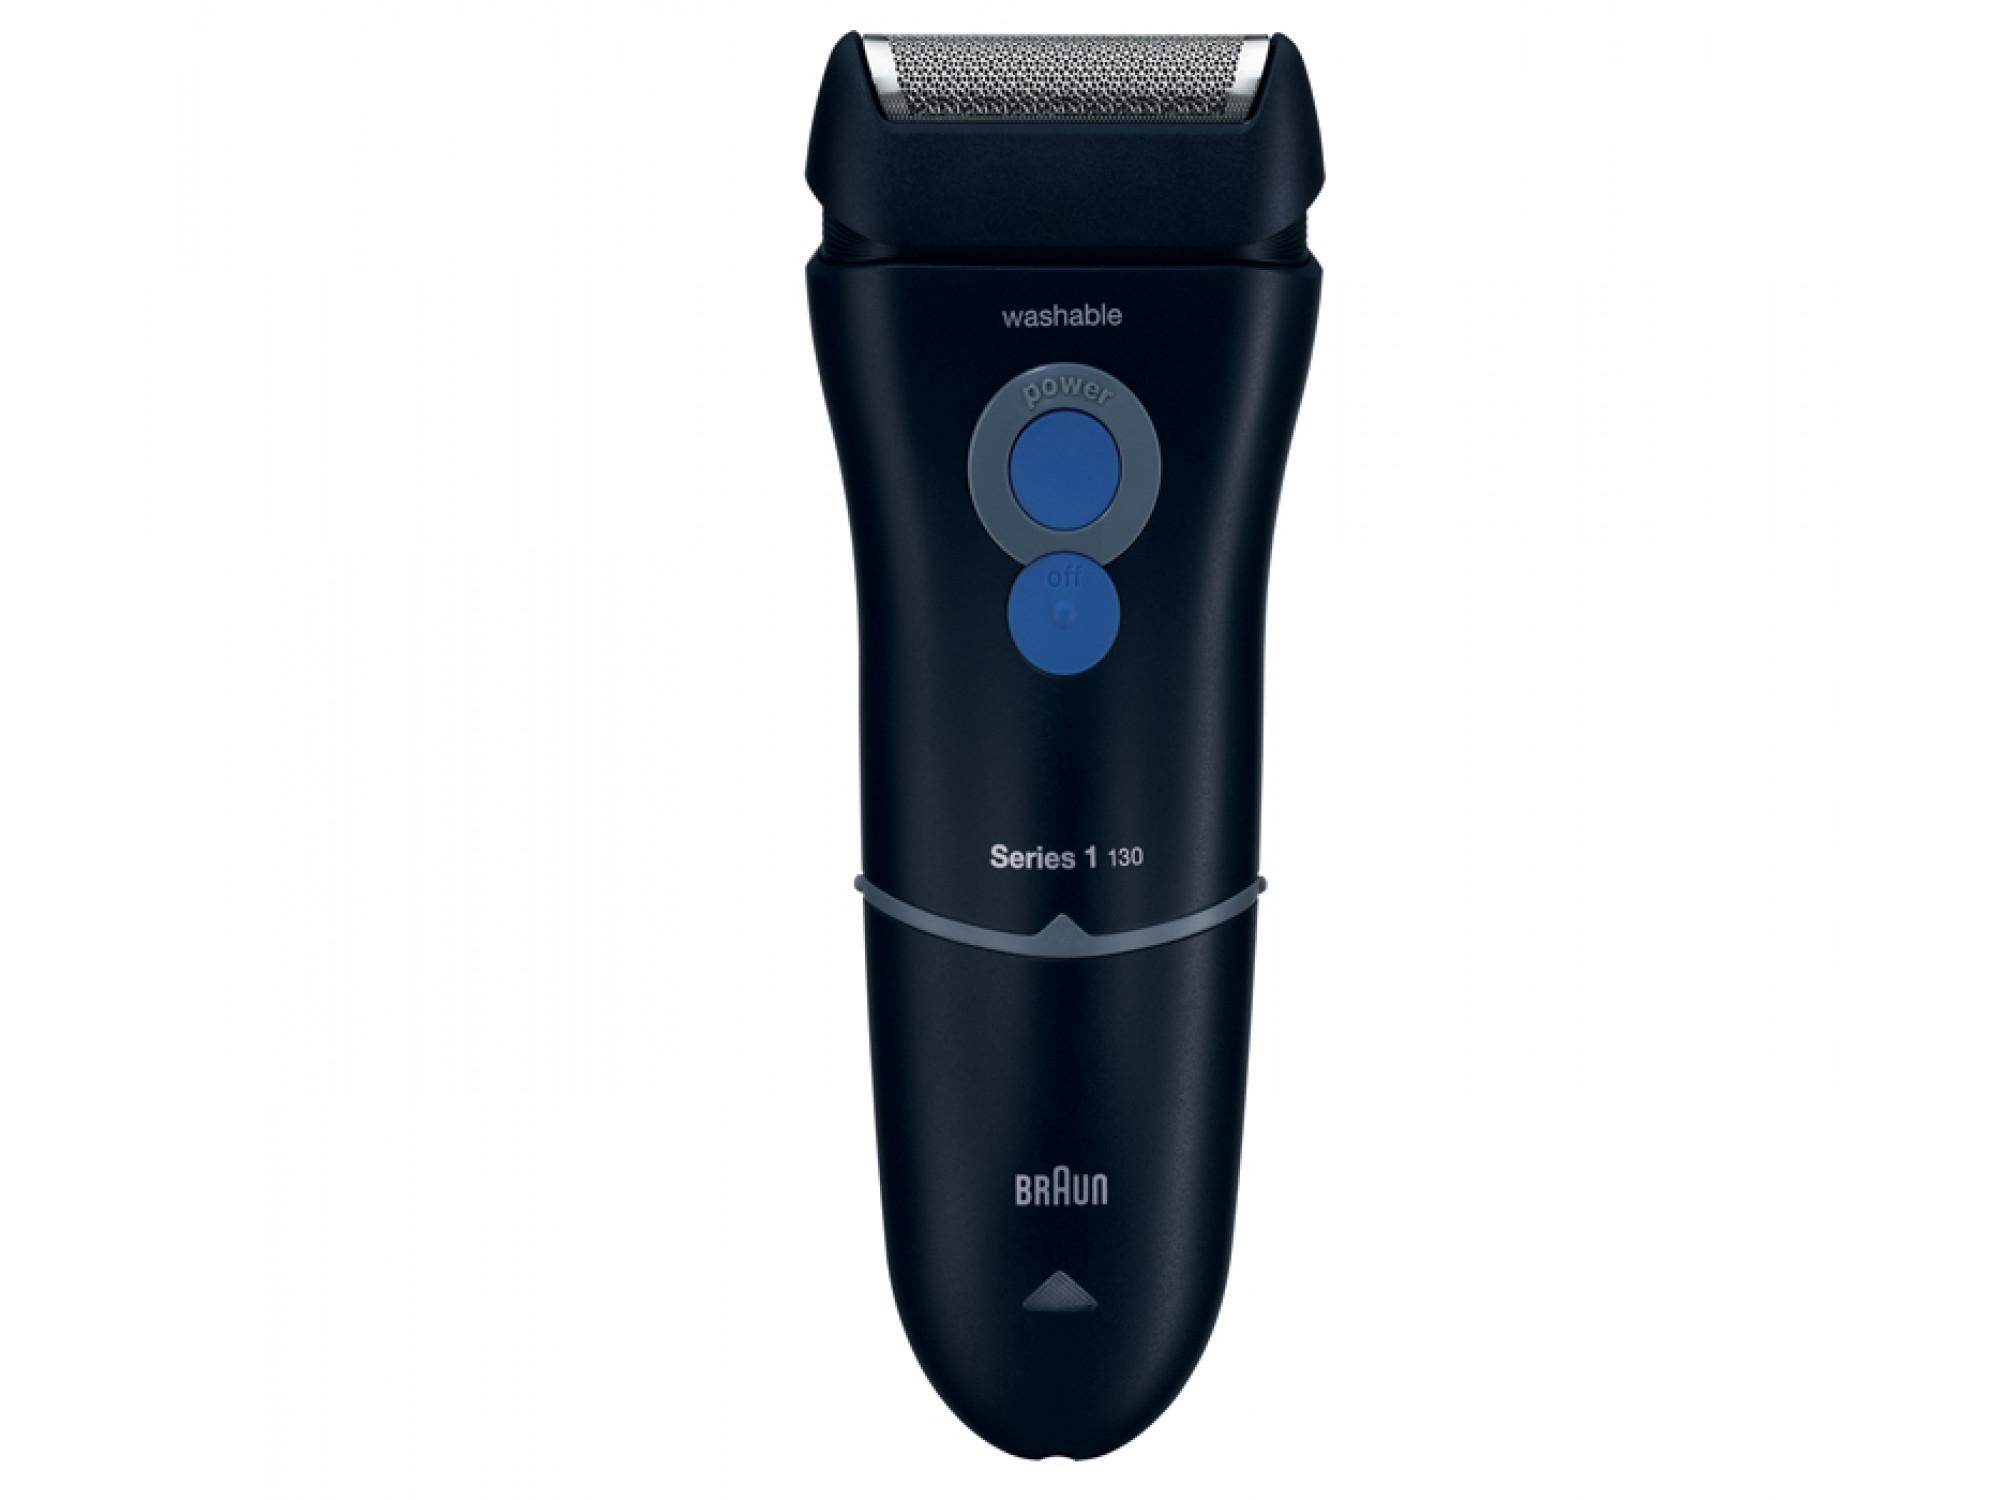 սափրիչներ եվ սափրման պարագաներ BRAUN 130S